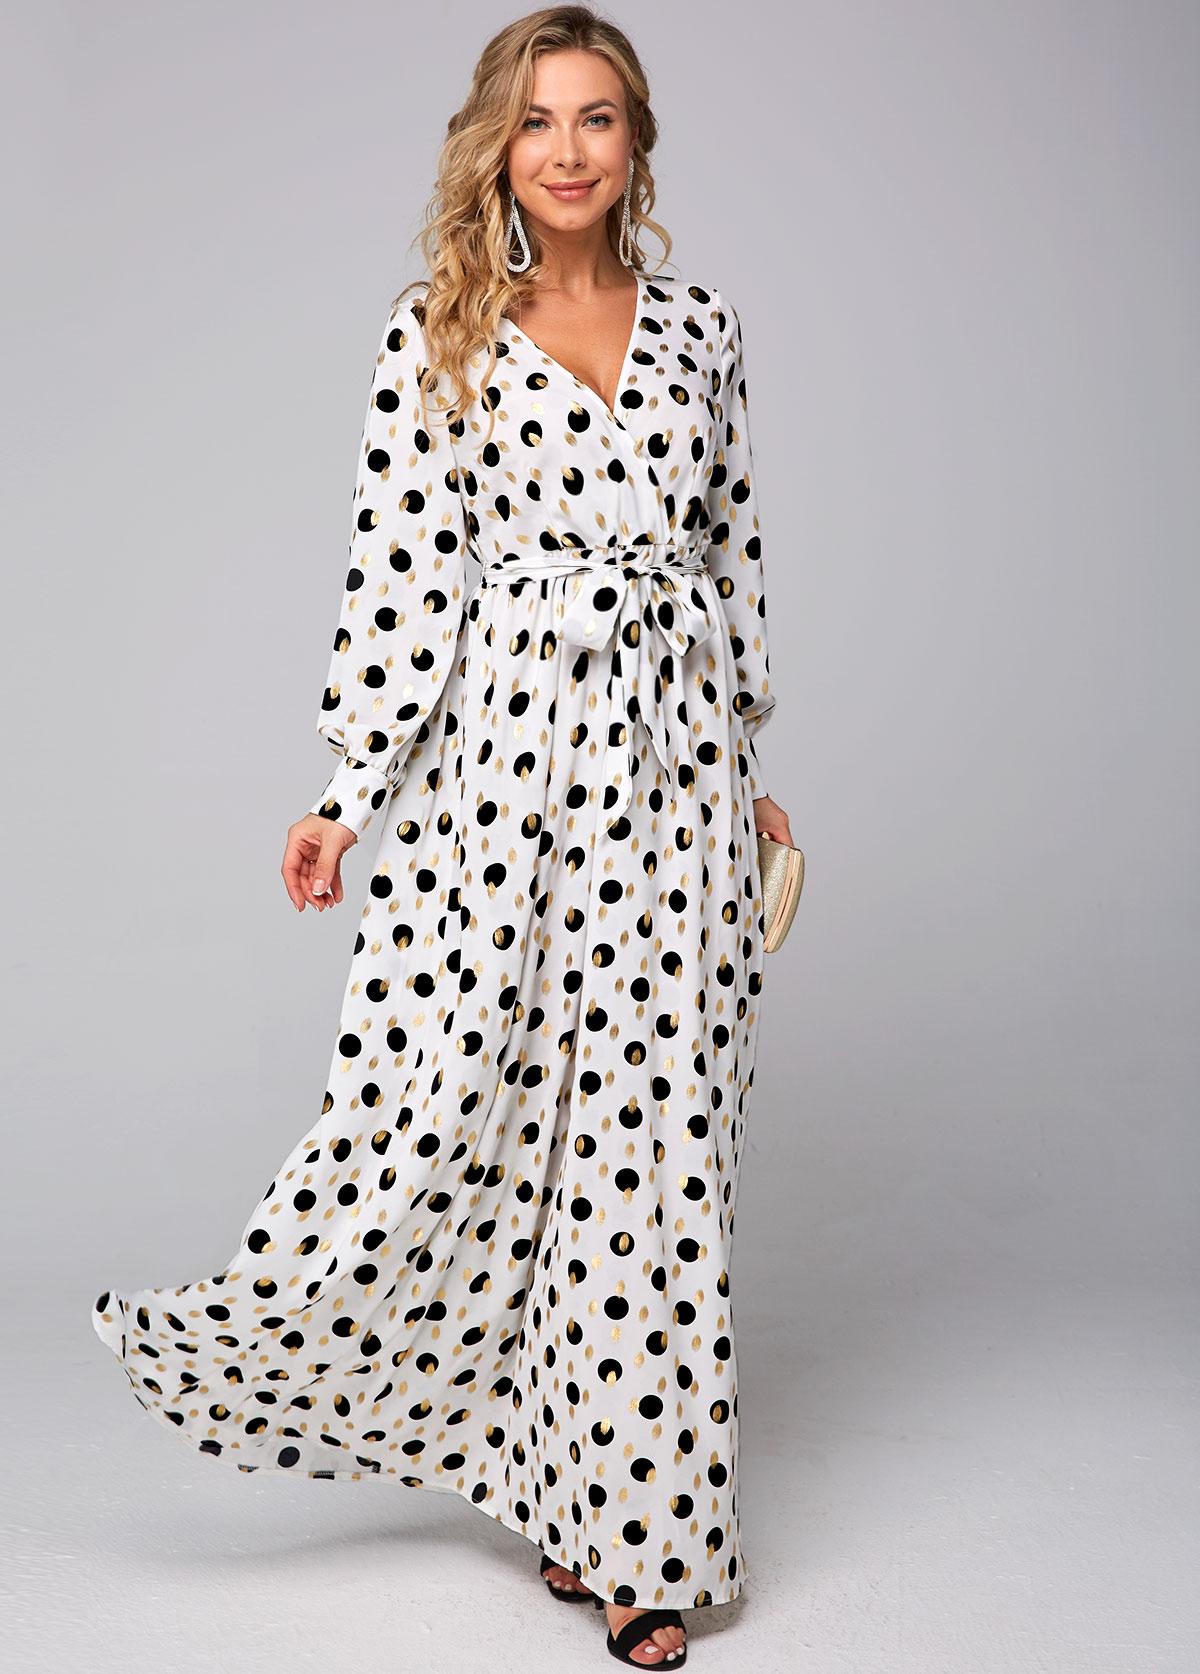 ROTITA Belted Hot Stamping Polka Dot Dress